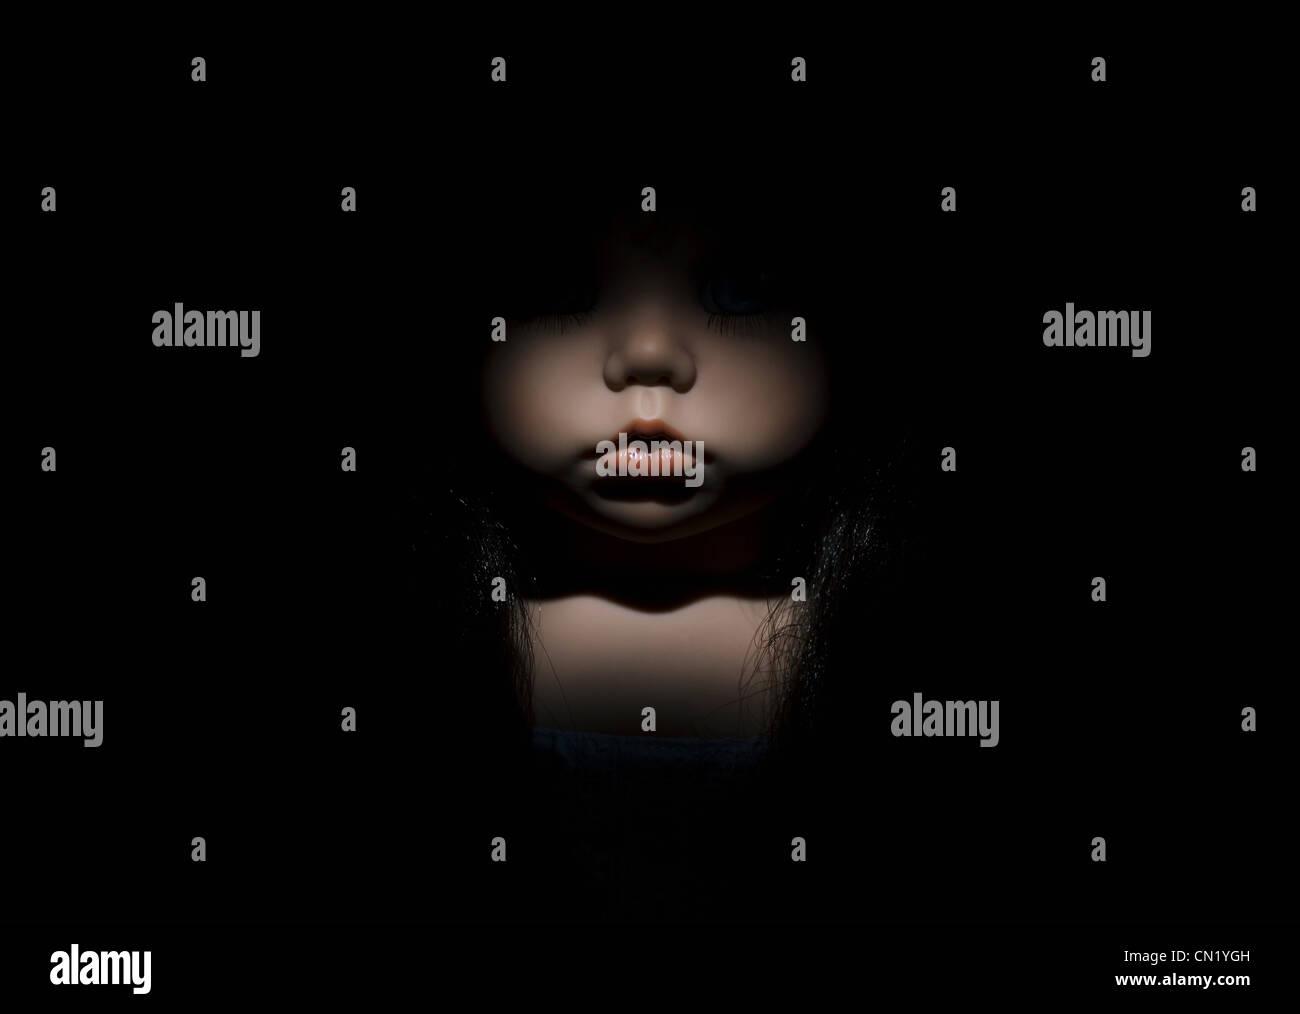 Cara de muñeca en la oscuridad, cerrar Imagen De Stock